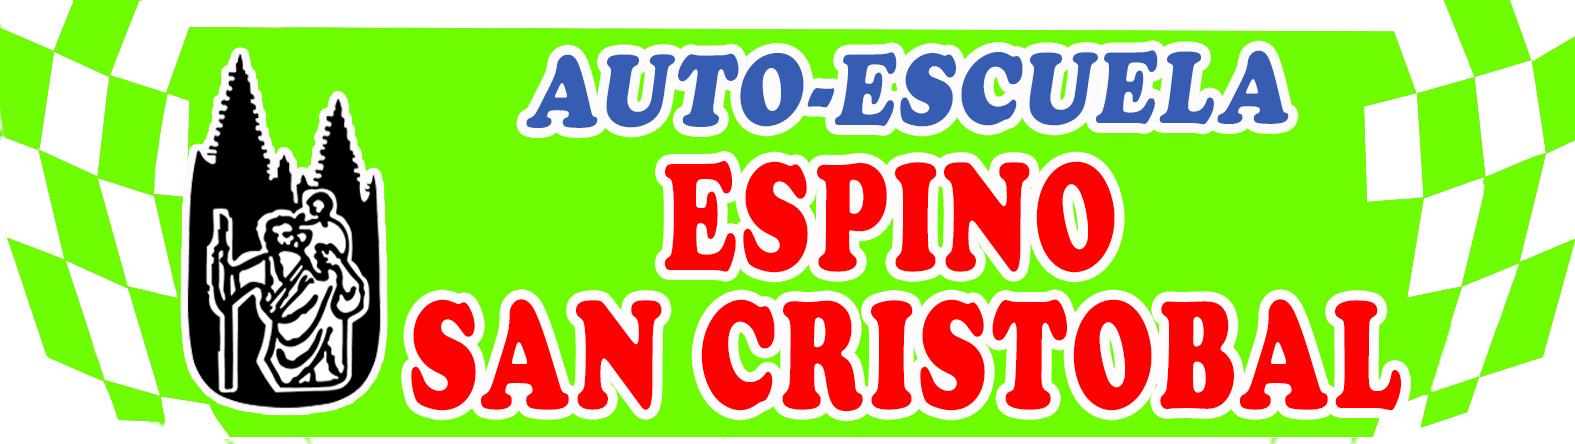 Autoescuela Espino San Cristóbal